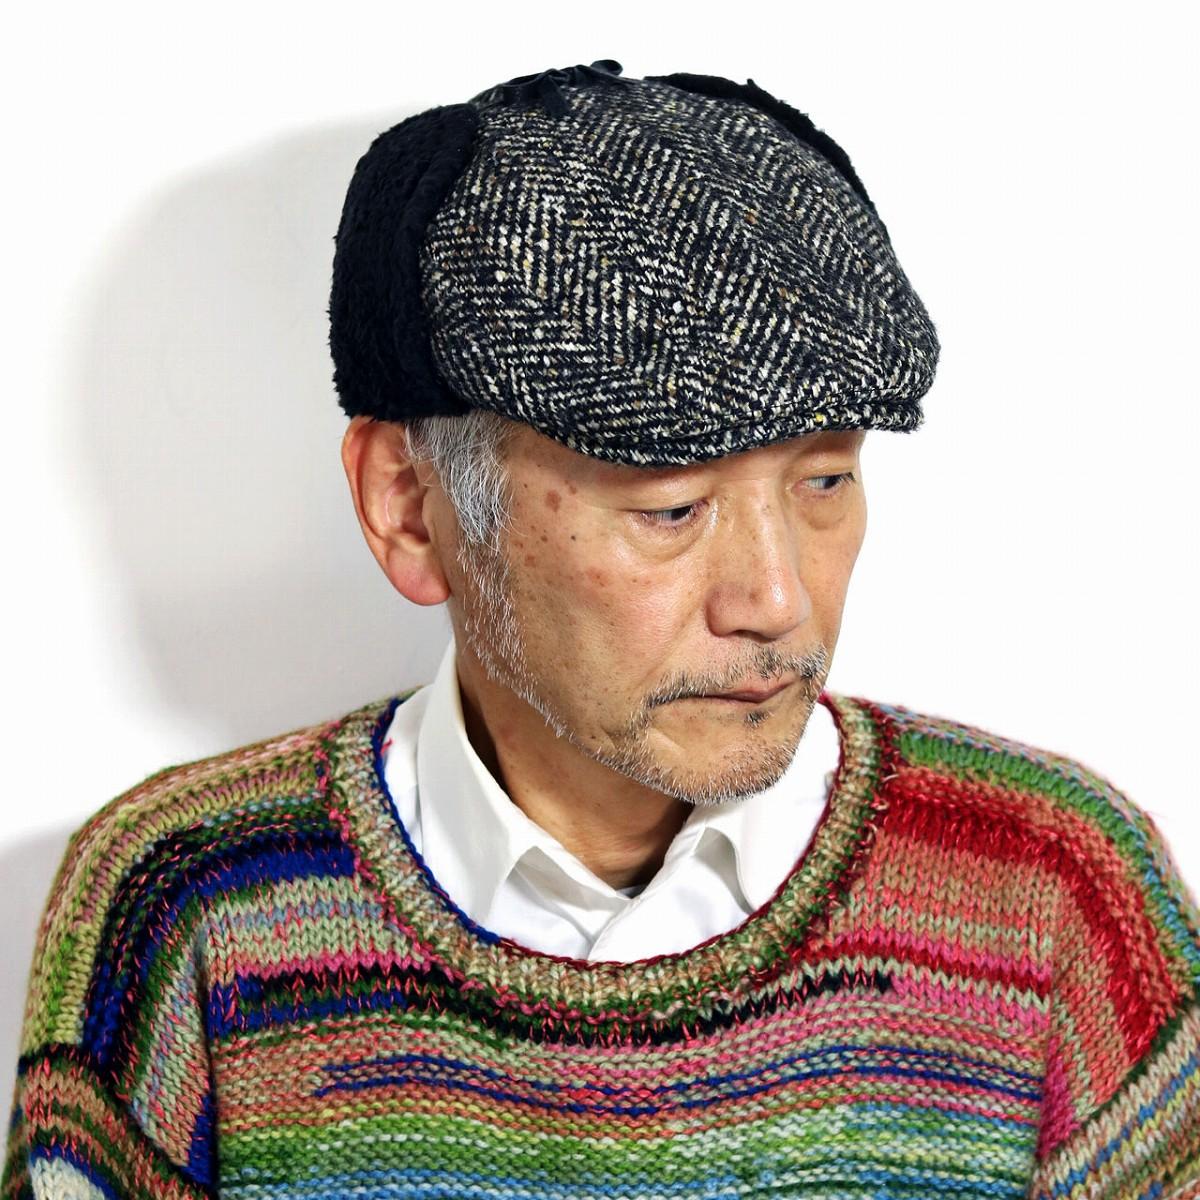 ゴットマン ハンチング gottman ざっくり編み へリンボン ツイード ボア 耳当て付 ドイツの帽子ブランド ウィンターハンチング ツイード ドイツブランド 海外ブランド サンドベージュ [ ivy cap ]